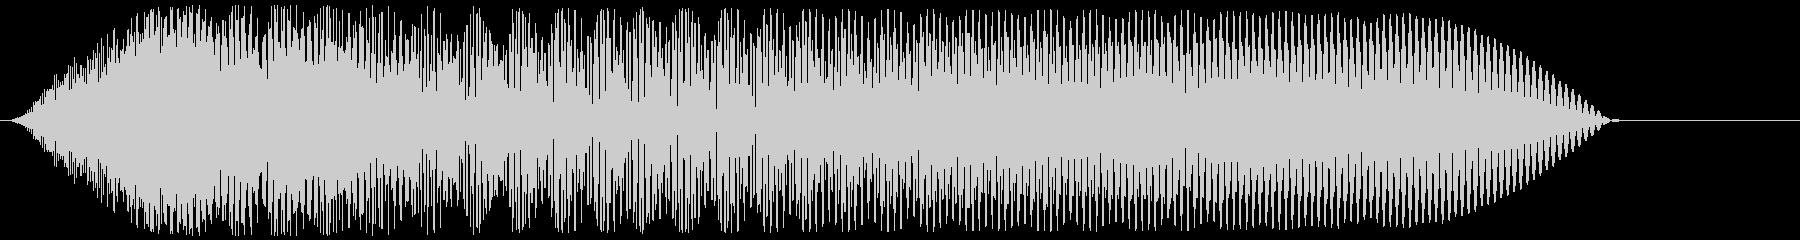 不協和音ハウリング【ホラー】ヒィオーゥンの未再生の波形